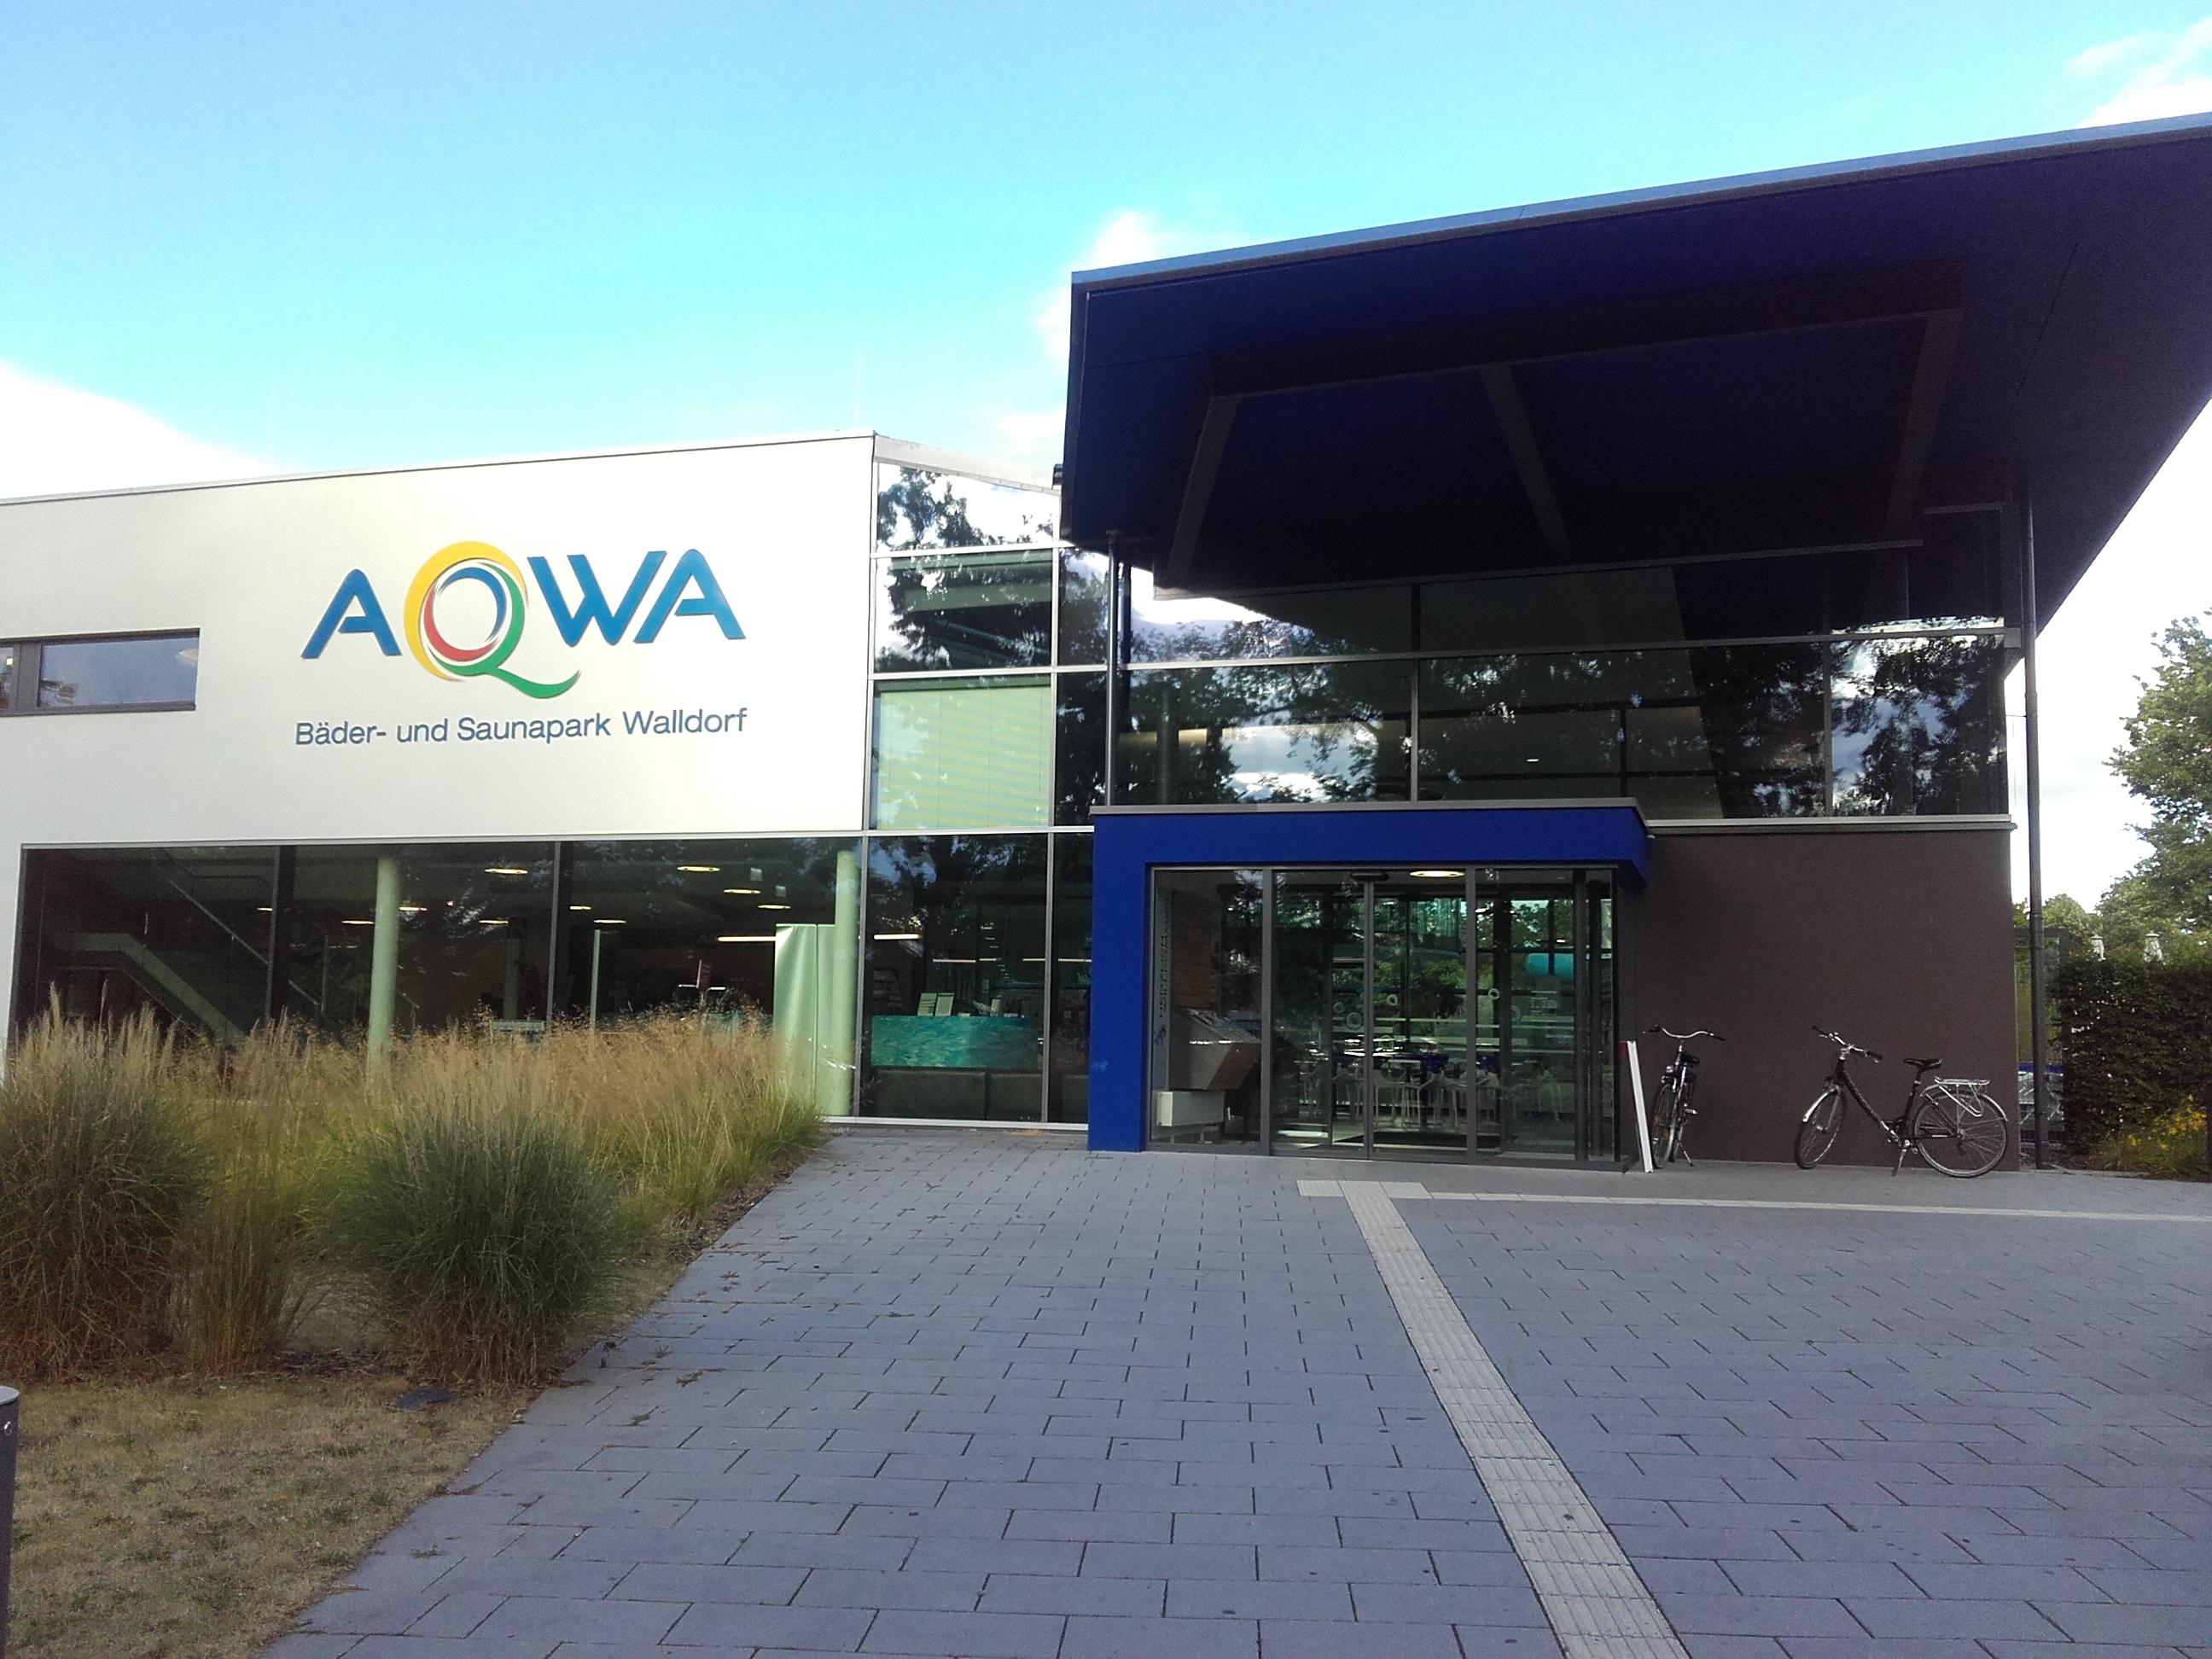 Aqwa Bäder Und Saunapark Walldorf 29.06.2017 - auslandsbericht: aqwa bäder u. saunapark walldorf